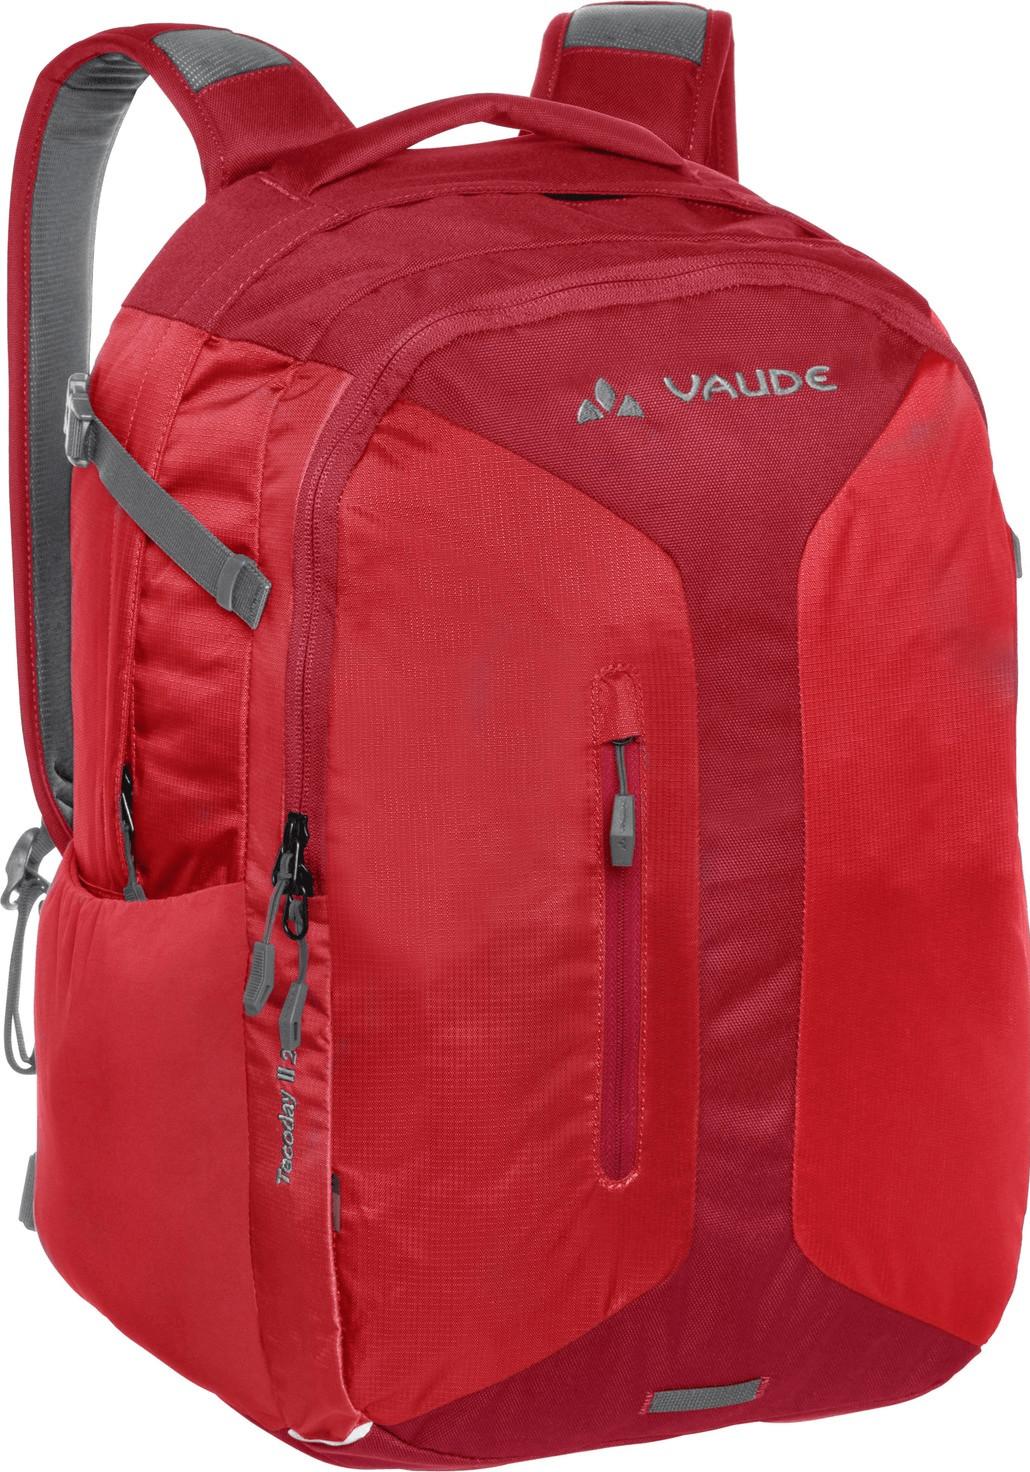 VAUDE Tecoday II 25 indian red